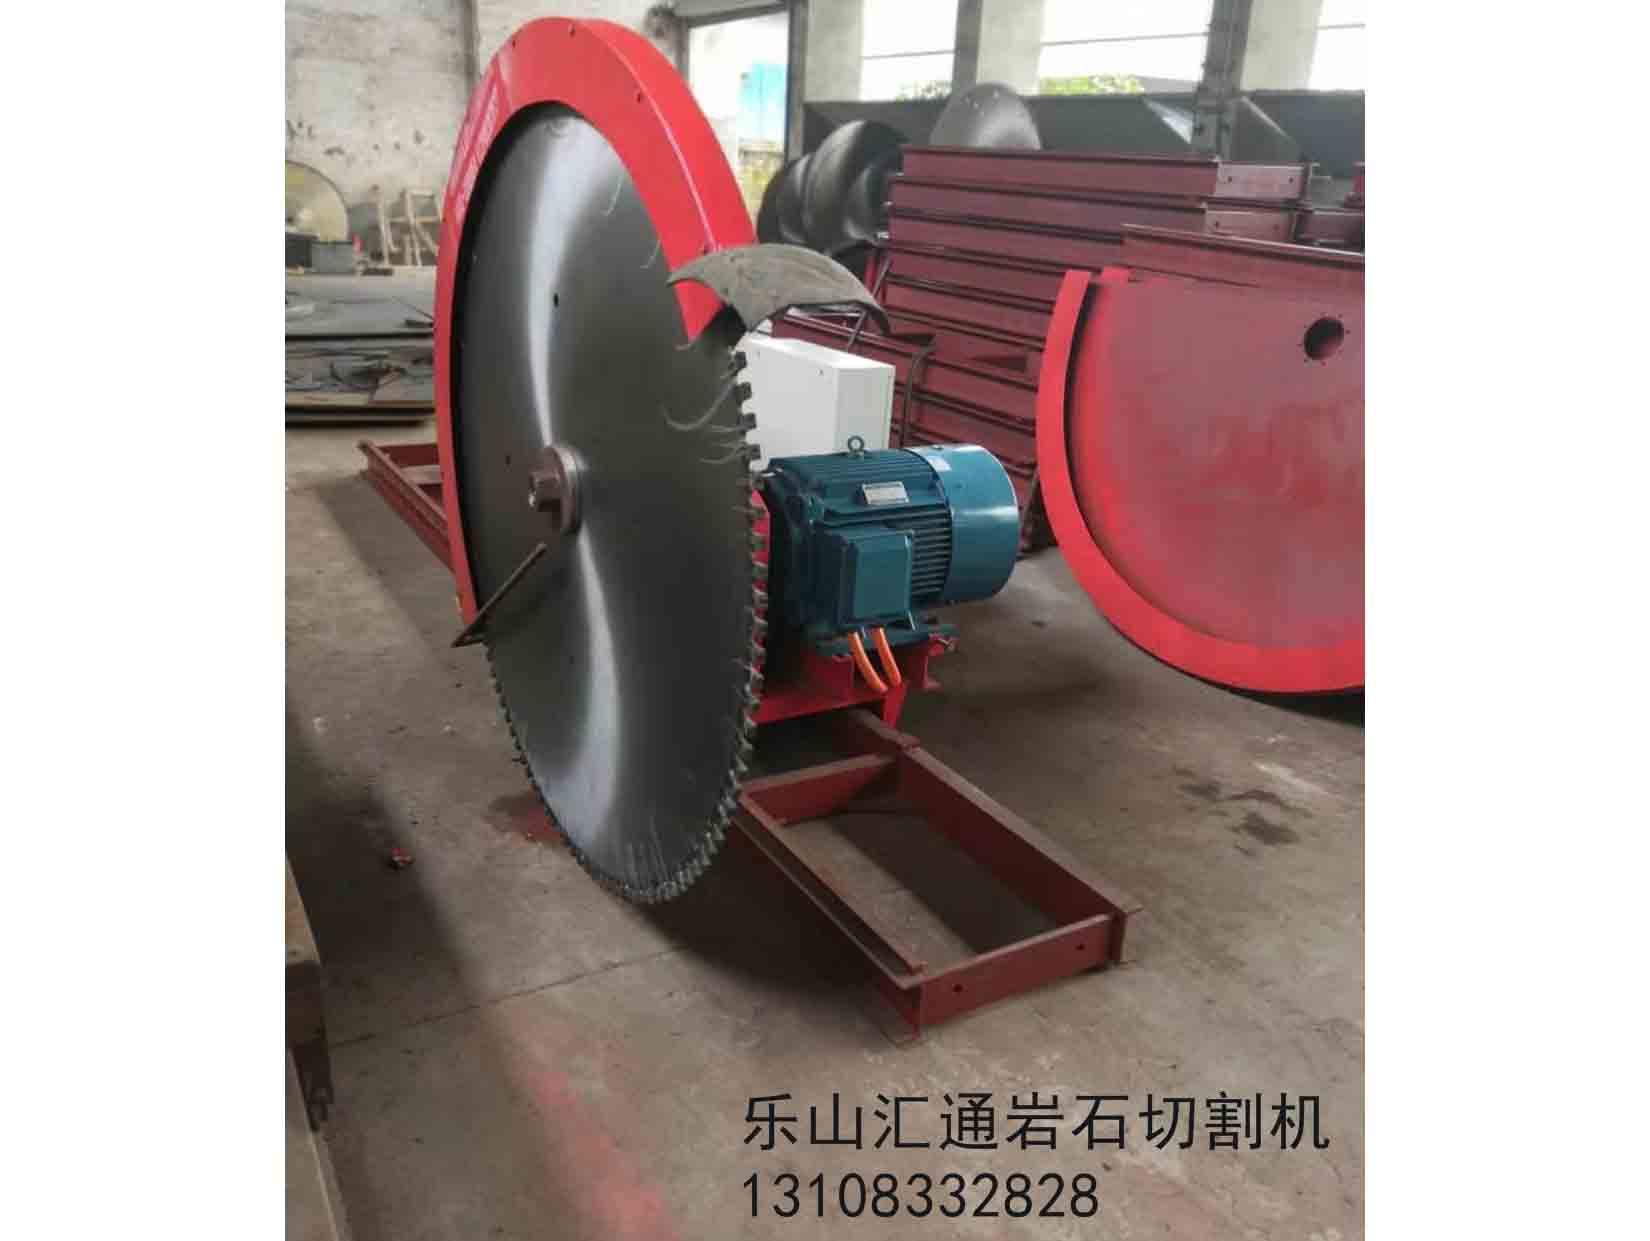 匯通-四川巖石切割機廠家帶你了解分裂機使用說明